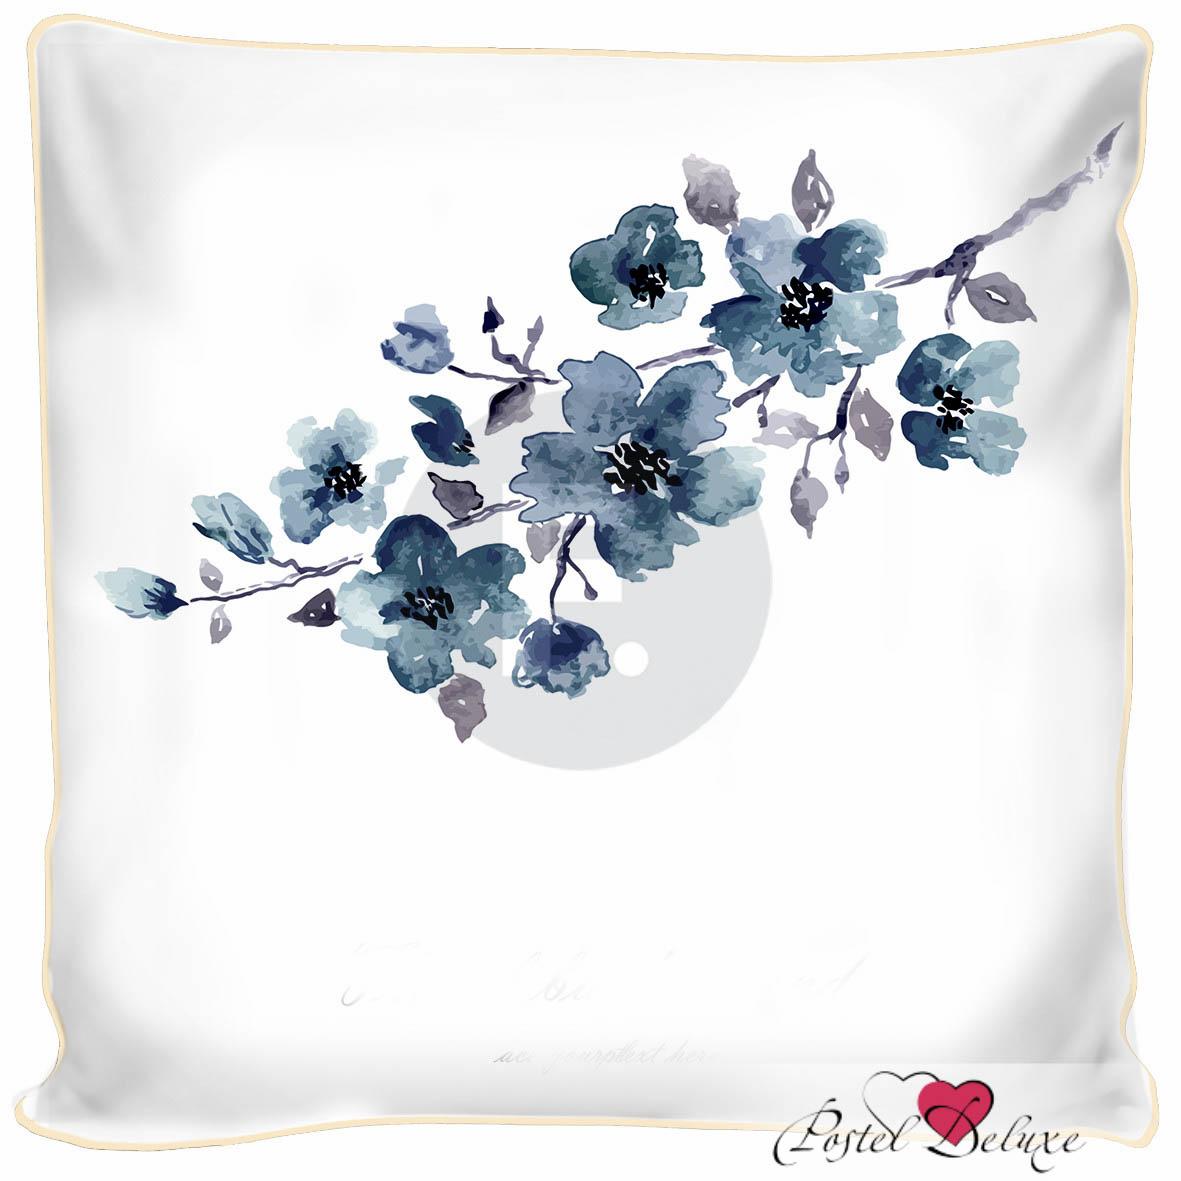 Декоративные подушки Fototende Декоративная подушка Цветы (45х45) подушка арти м декоративная 45х45 см цветы 703 694 37